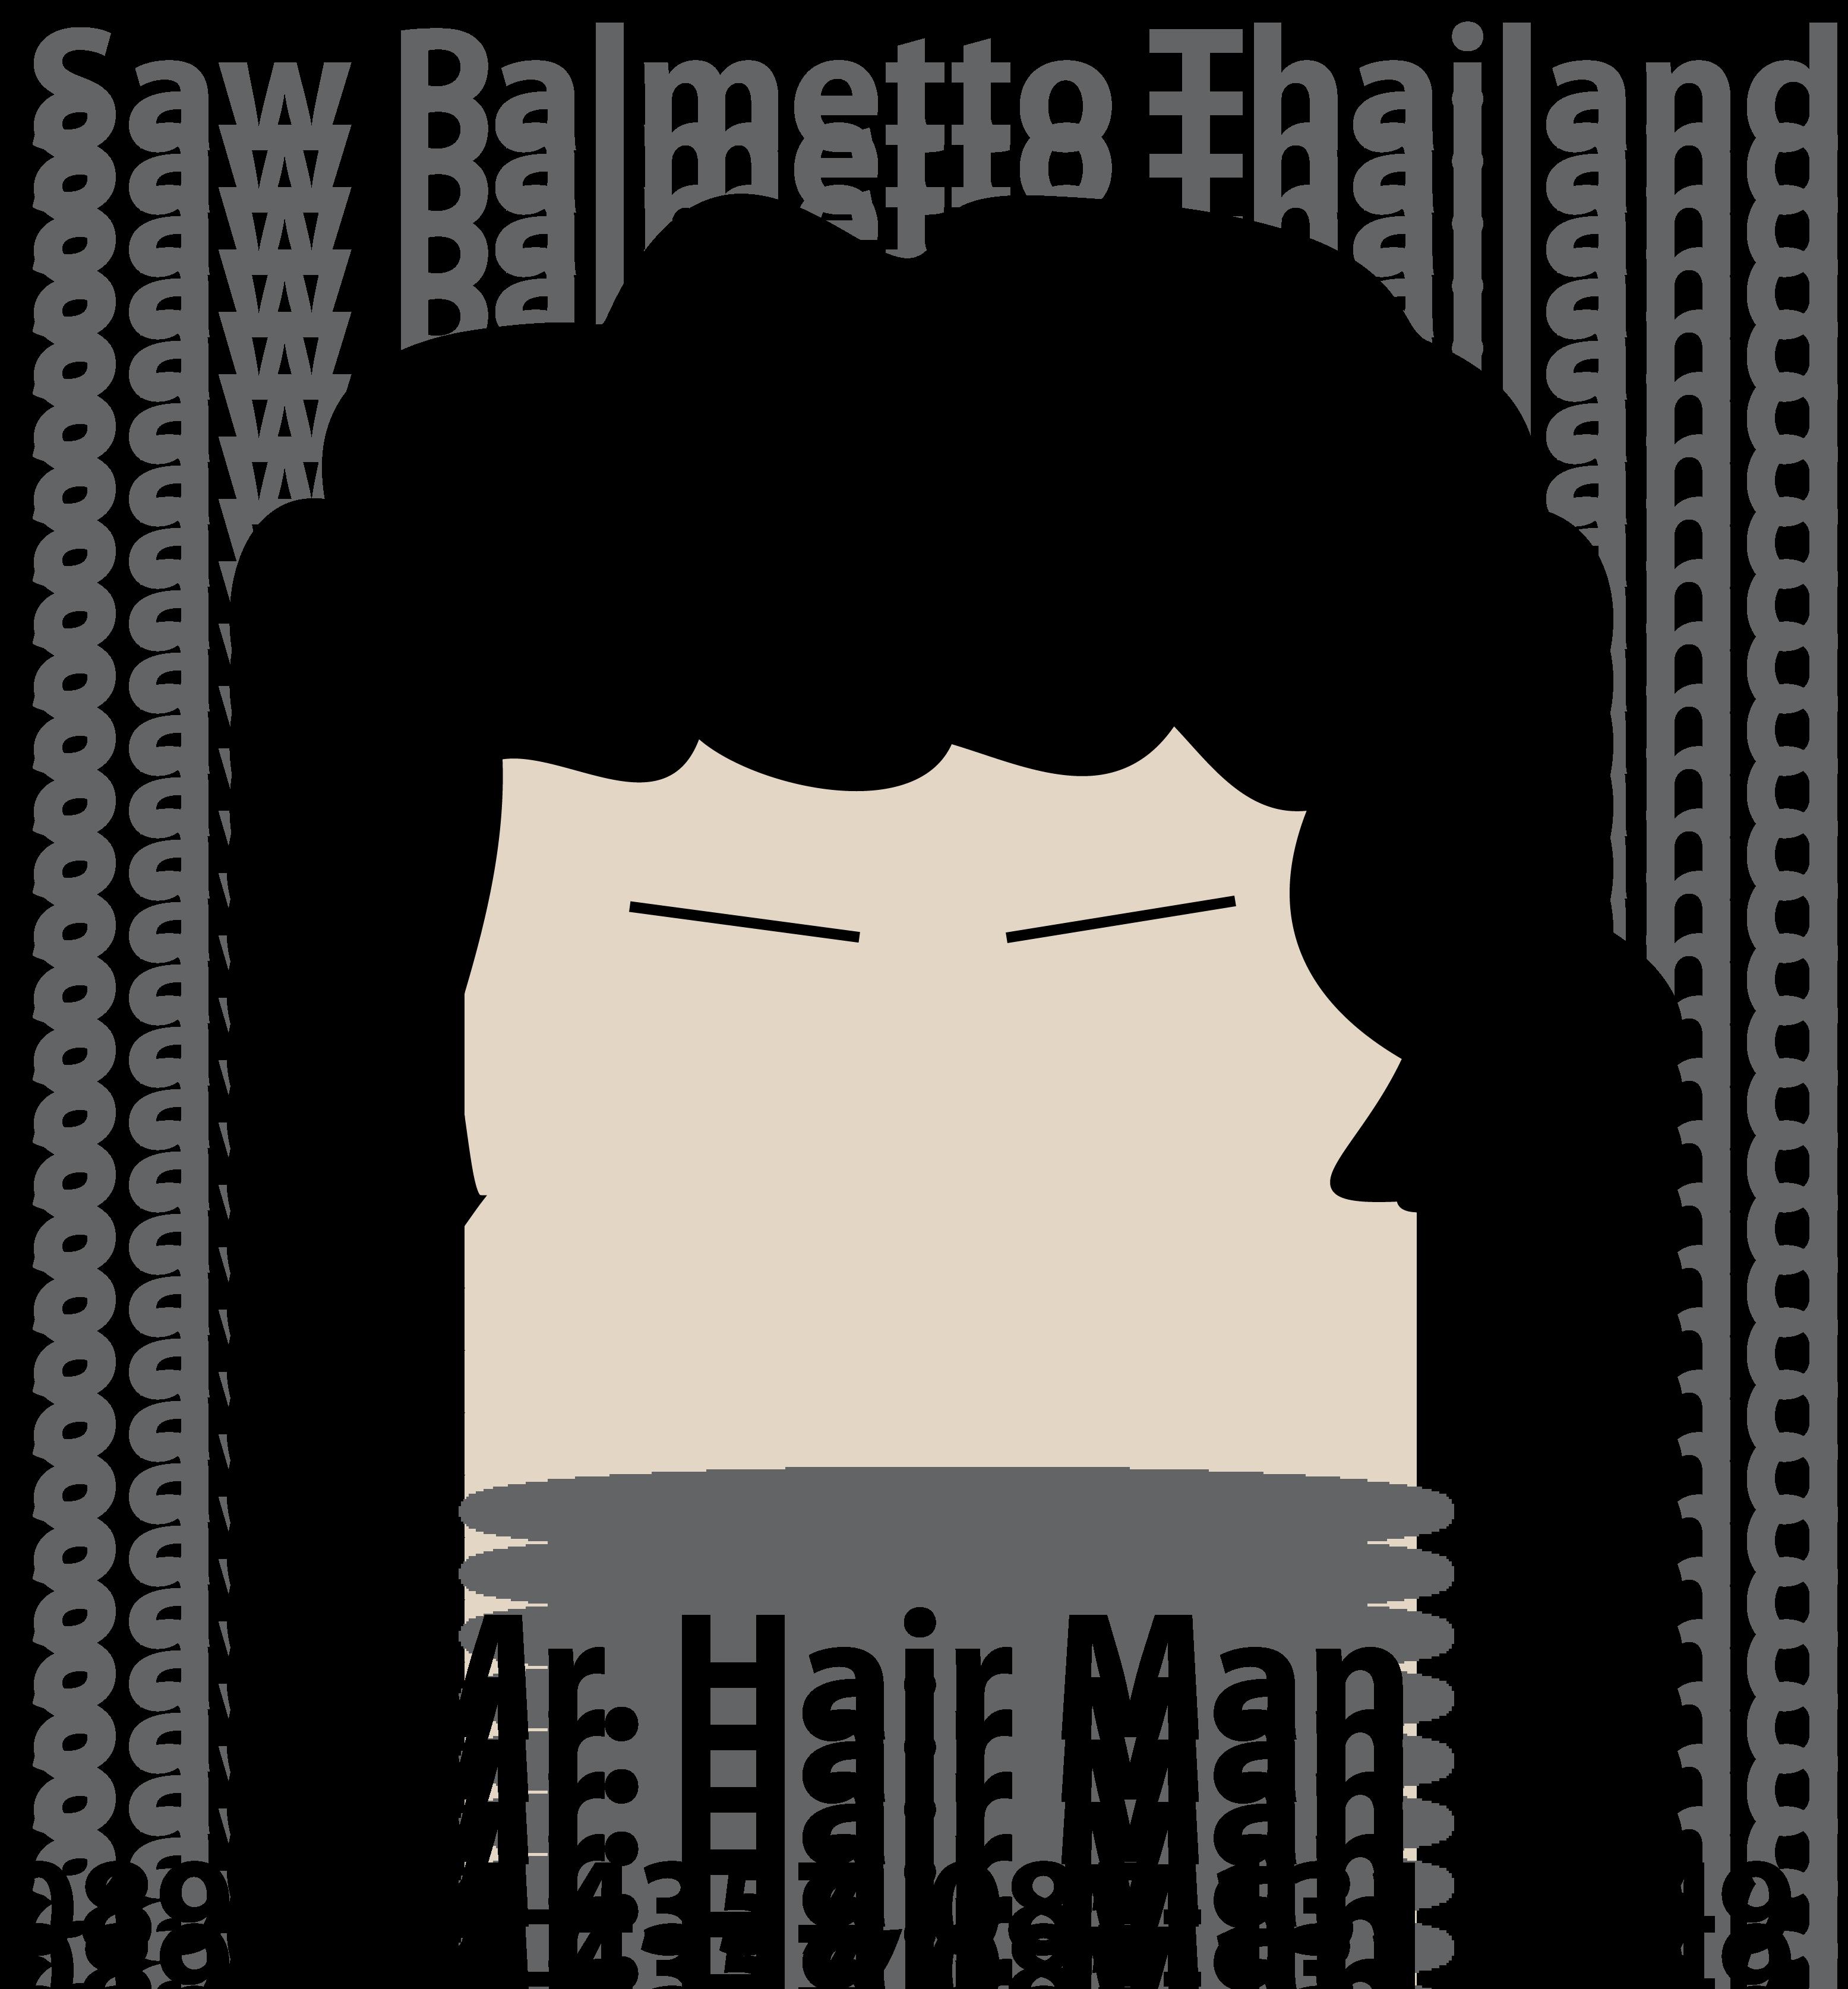 Saw Palmetto Thailand Logo